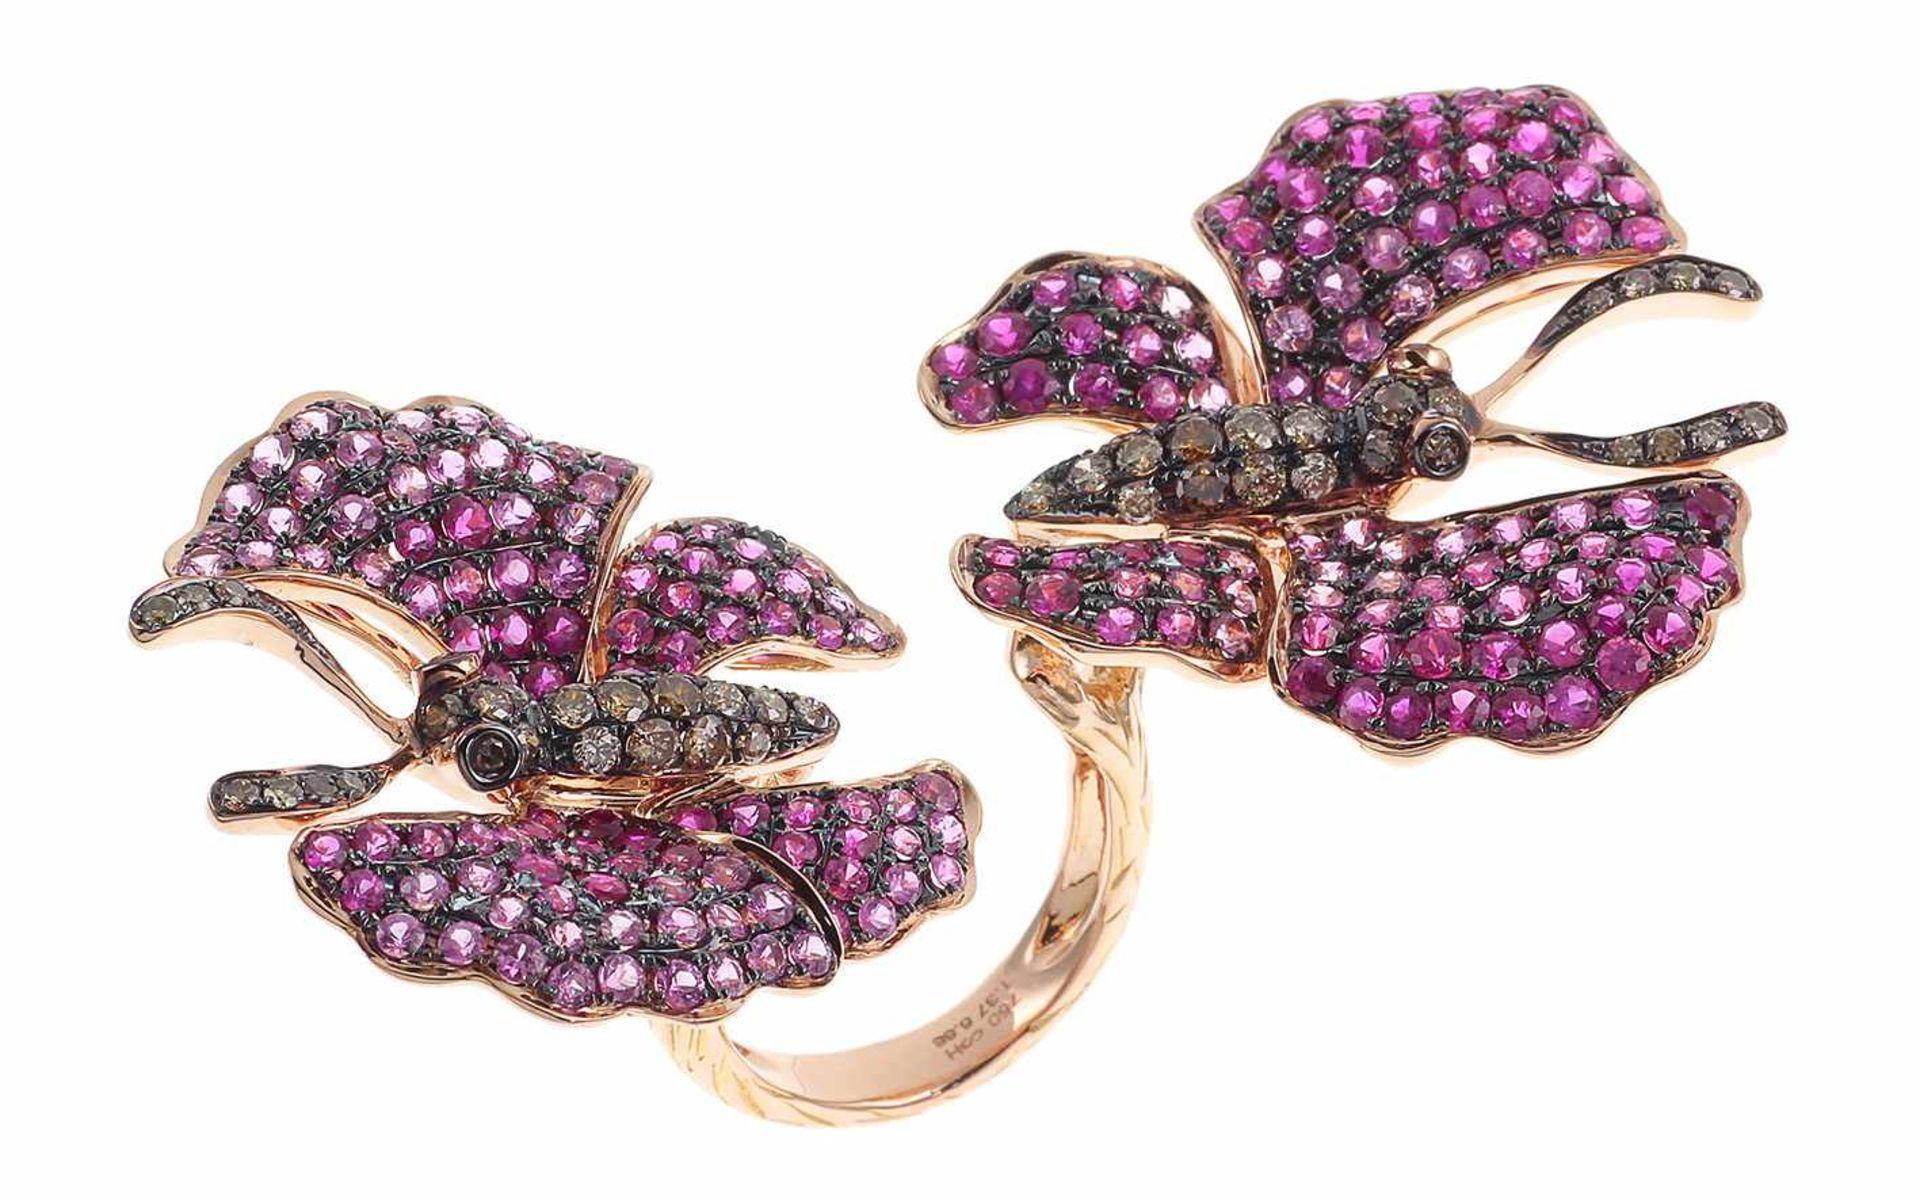 RingRing Schmetterling 18K RG mit 1,37 ct braunen Diamanten und 6,68 ct Saphiren RW: 55 Total 27,